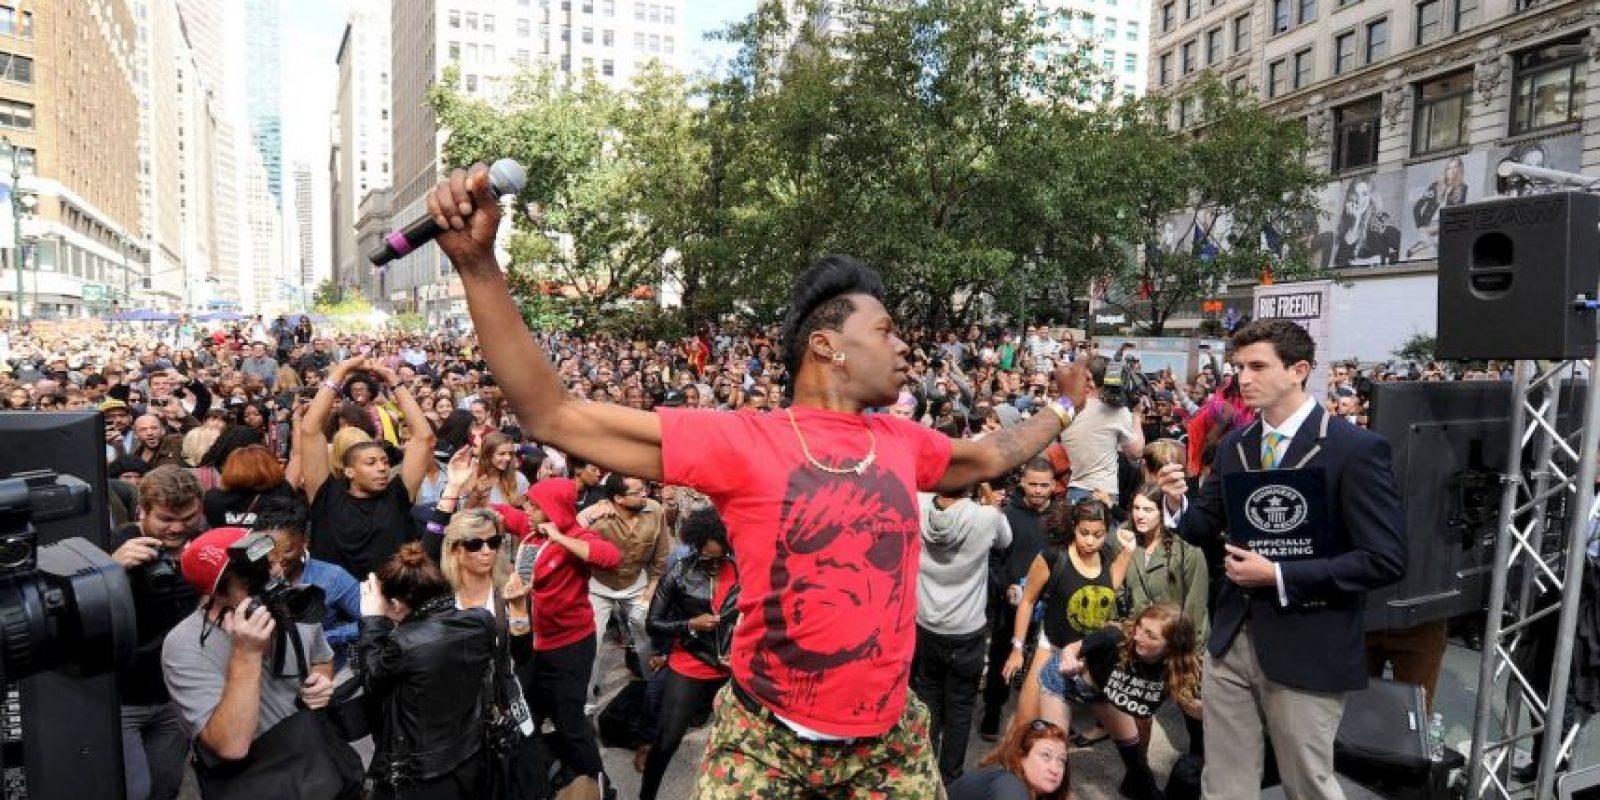 Evento de twerking con más personas Foto:Getty images